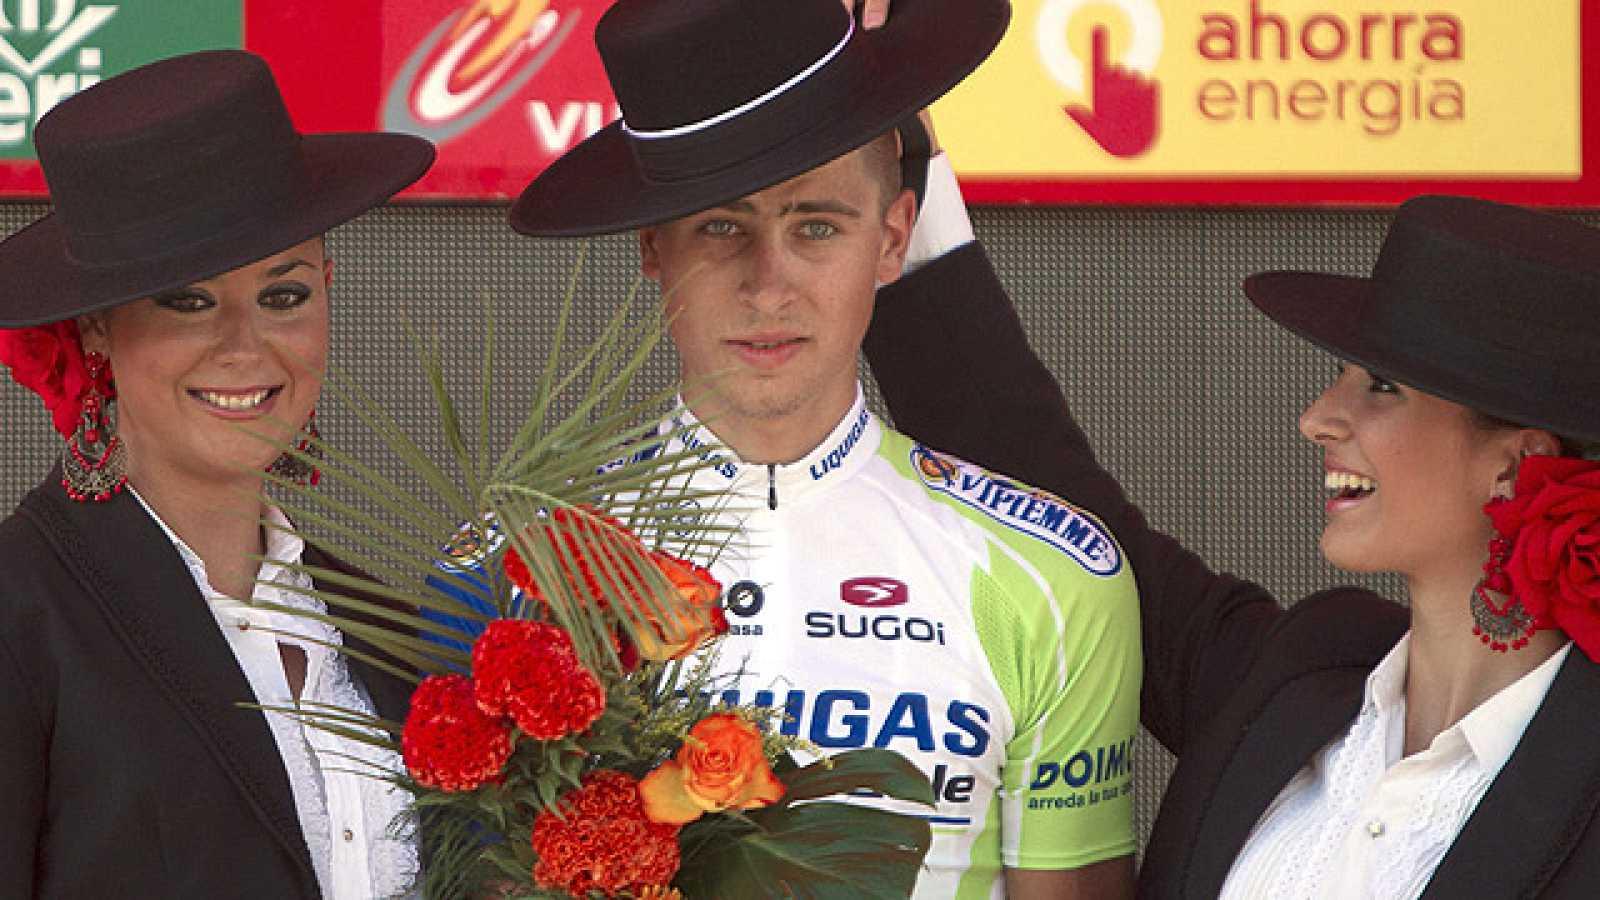 El corredor del Liquigas Peter Sagan ha ganado la sexta etapa de la Vuelta a España con final en Córdoba, gracias al gran trabajo de su equipo, el Liquigas.